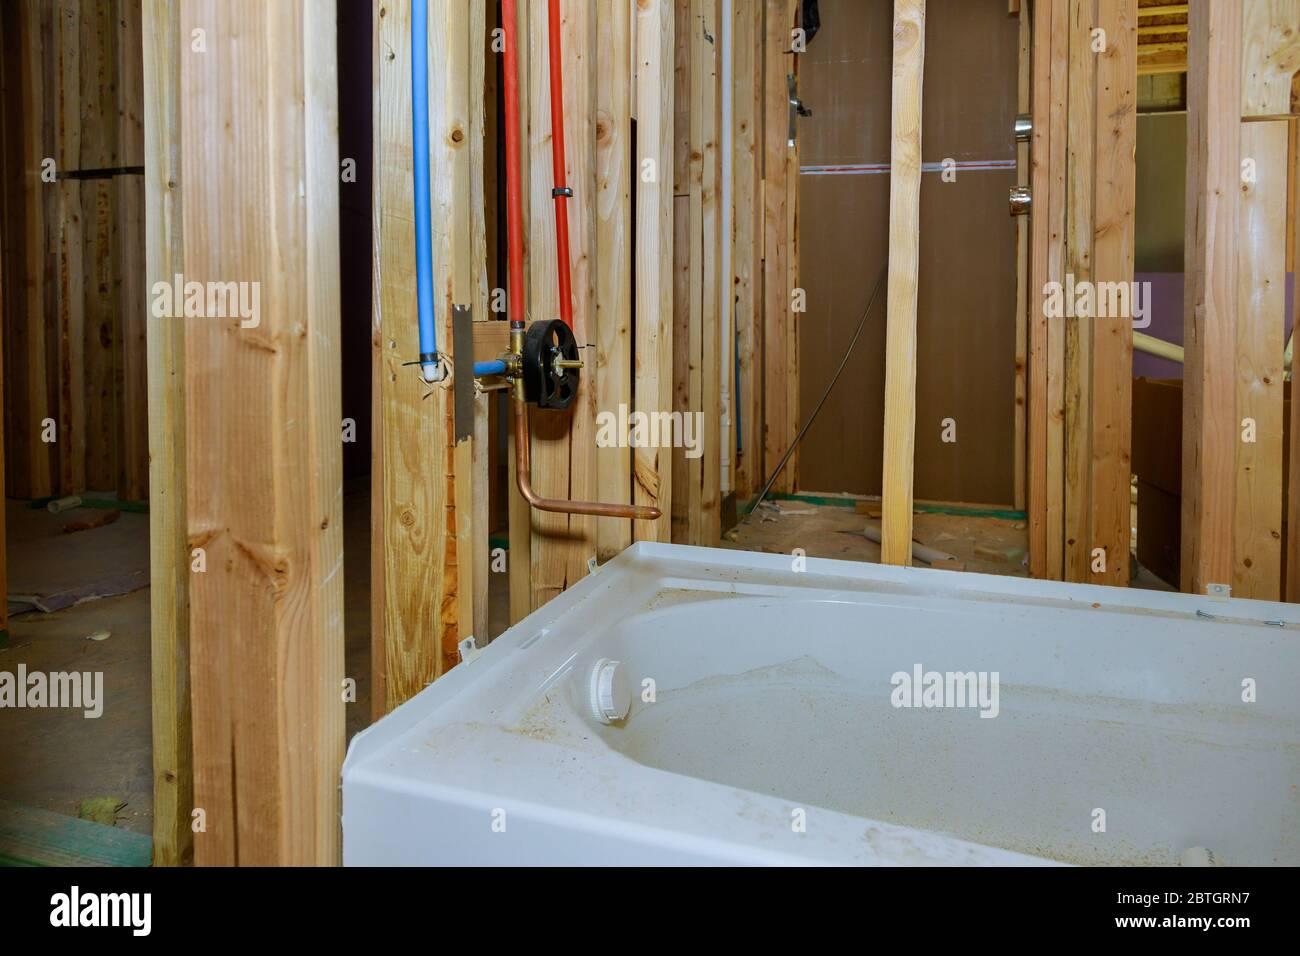 Neues Im Bau Befindliche Badezimmer Mit Innenrahmen Des Badezimmers Eine Neue Acryl Badewanne Stockfotografie Alamy